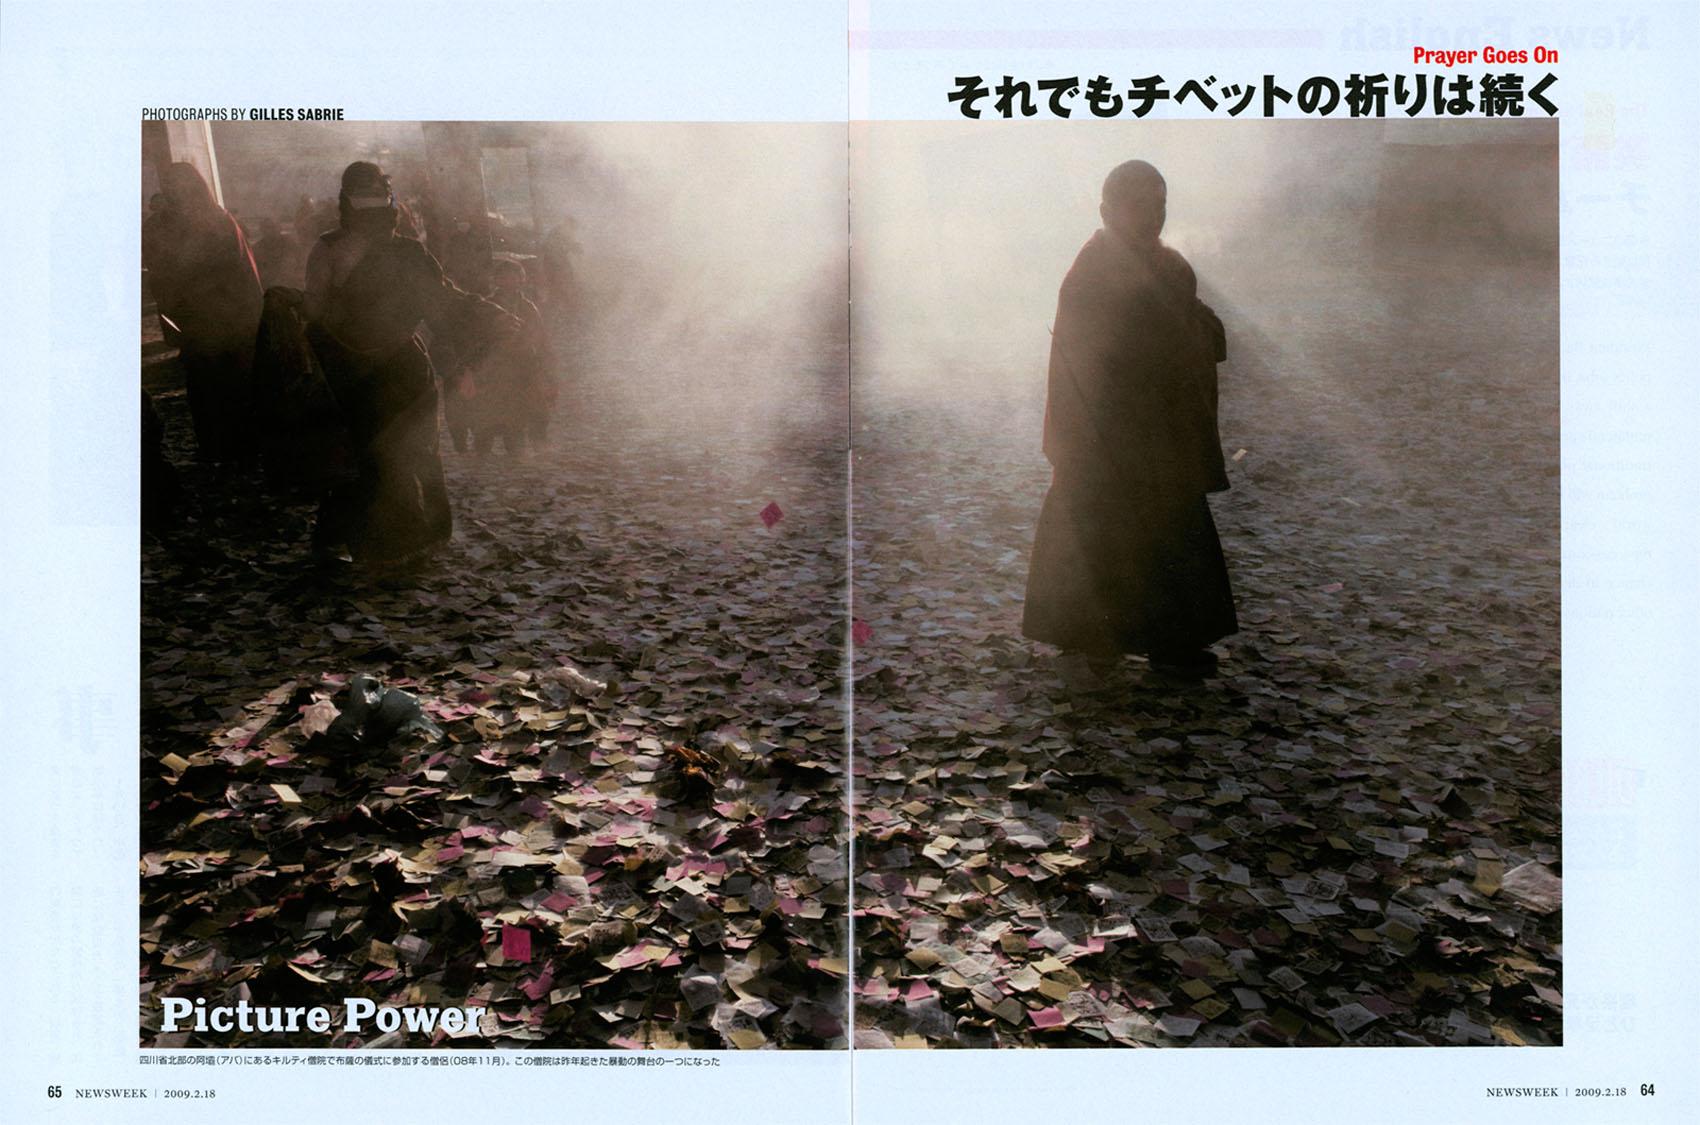 GSA 1 Newsweek Japan Tibet.jpg